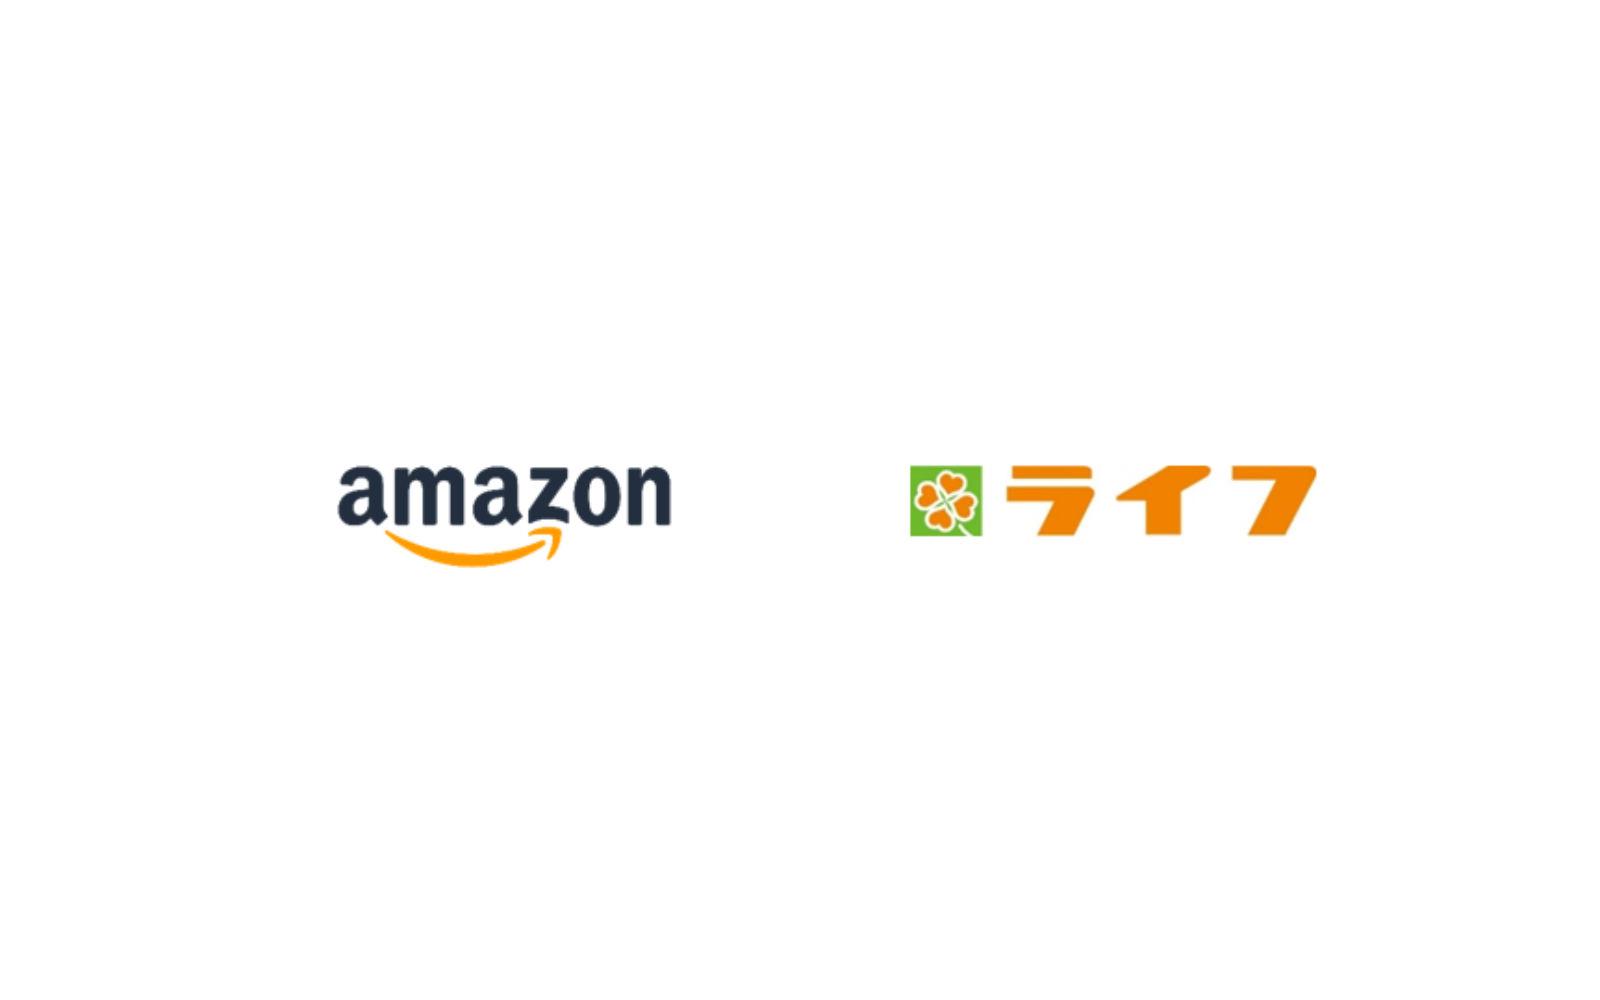 Amazon and Life